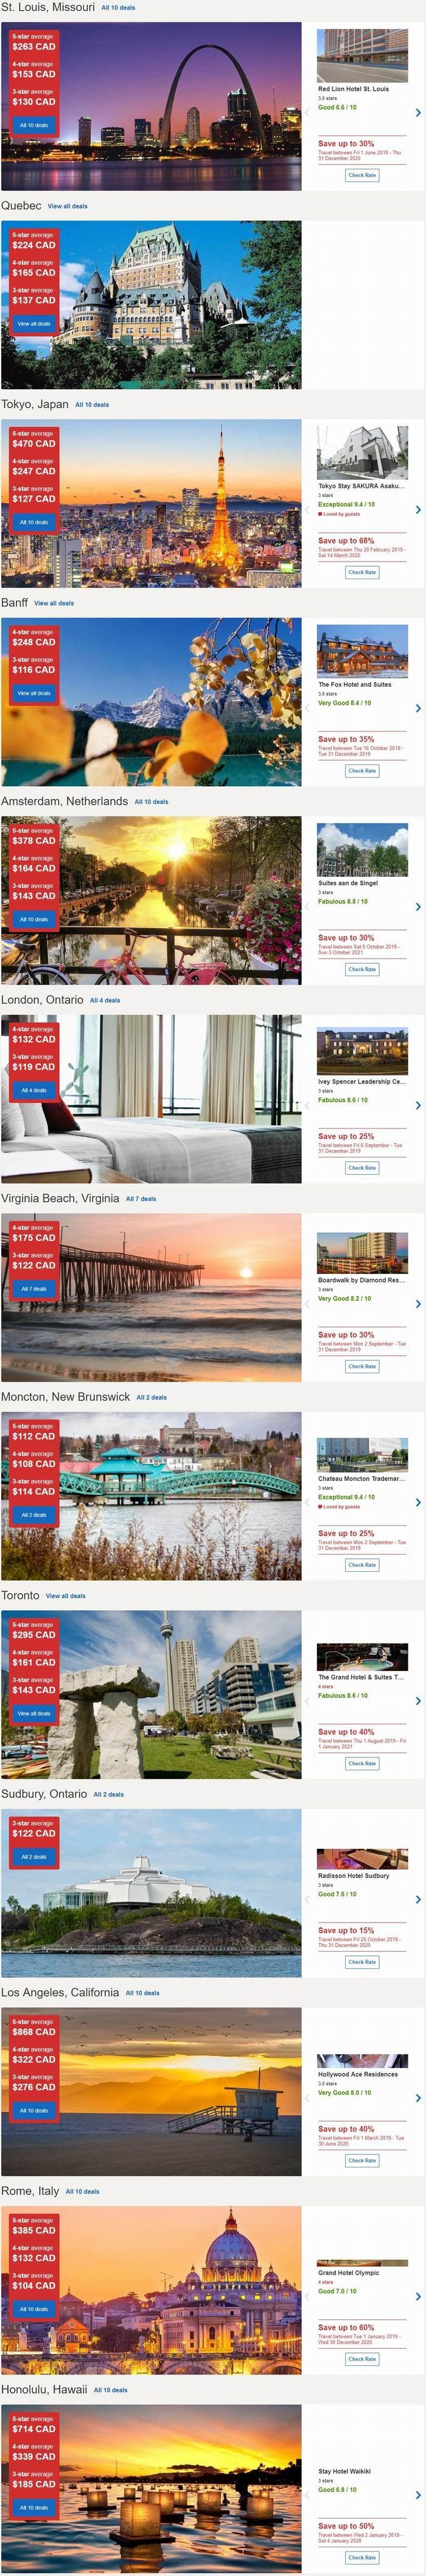 Hotels.com精选全球度假酒店住宿6折起+额外9.5折+住满10晚再送1晚!